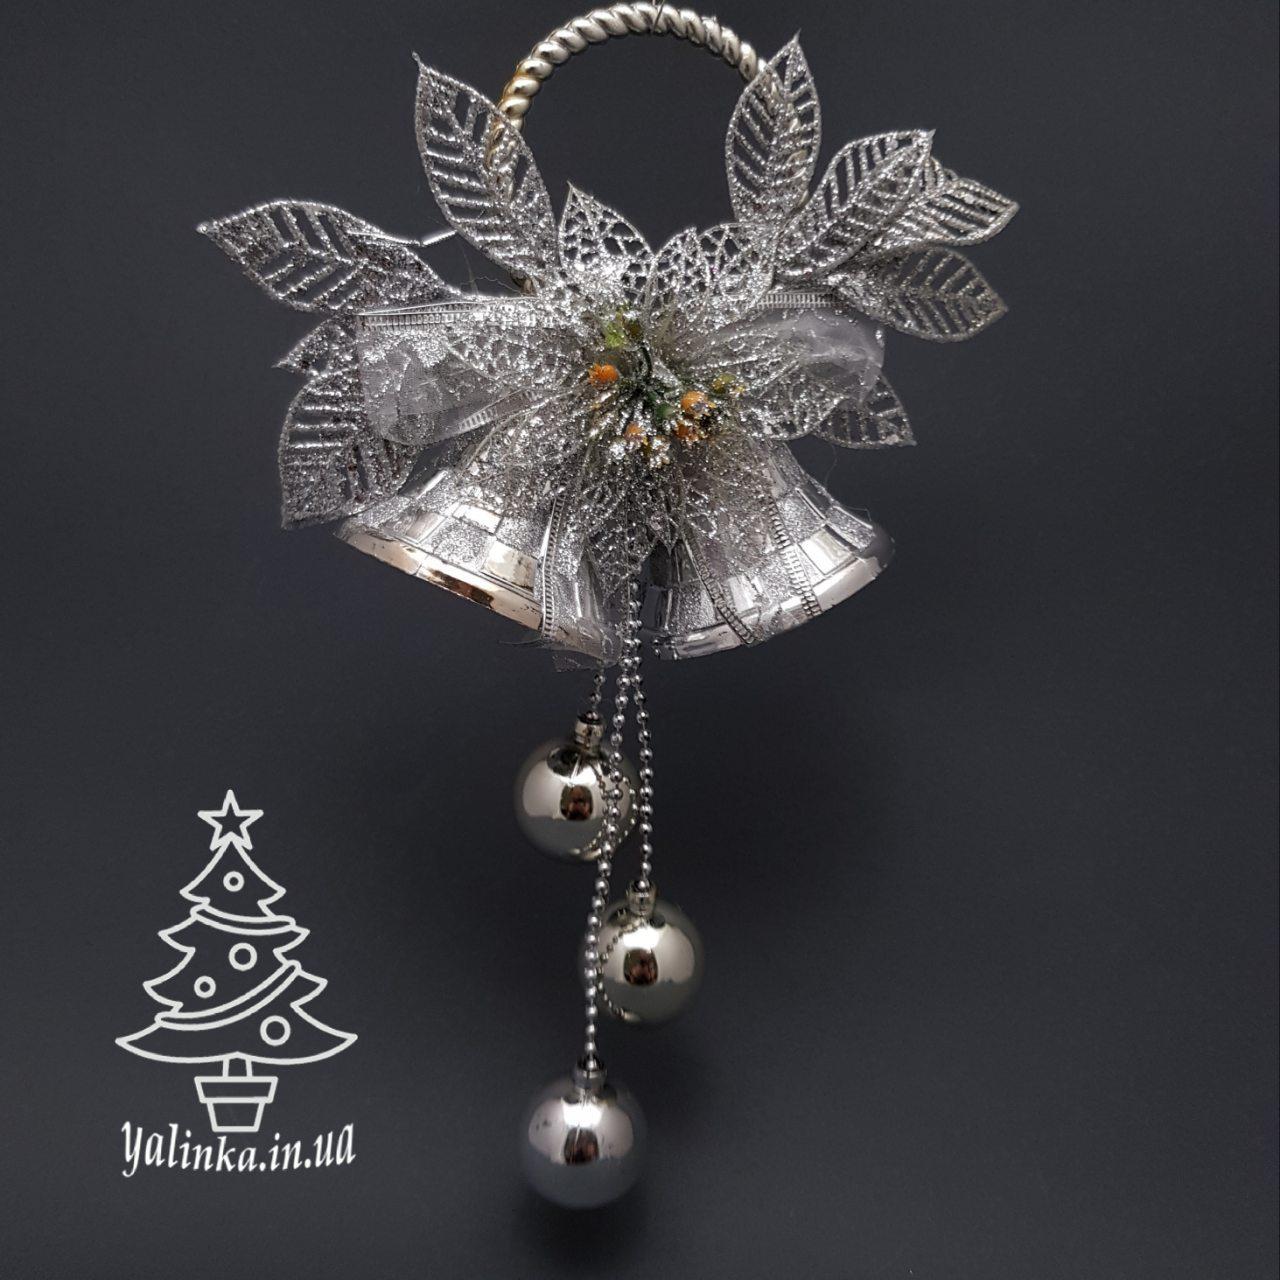 Колокол новогодний средний серебро 0280